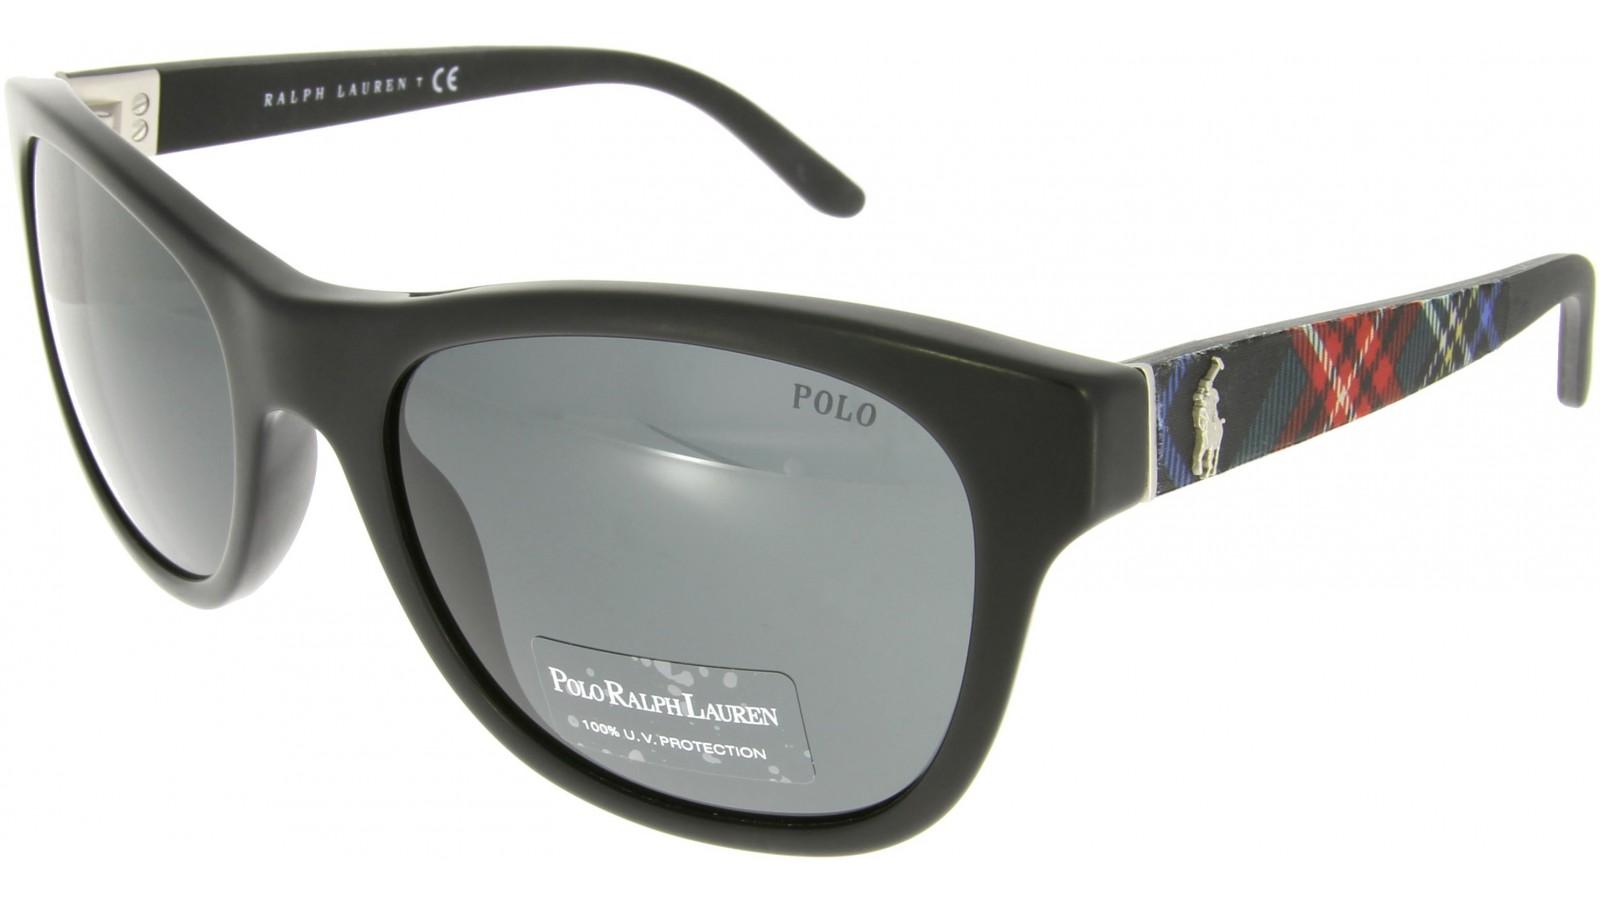 Polo Ralph Lauren PH 4091 550171 1 pcyiSPc